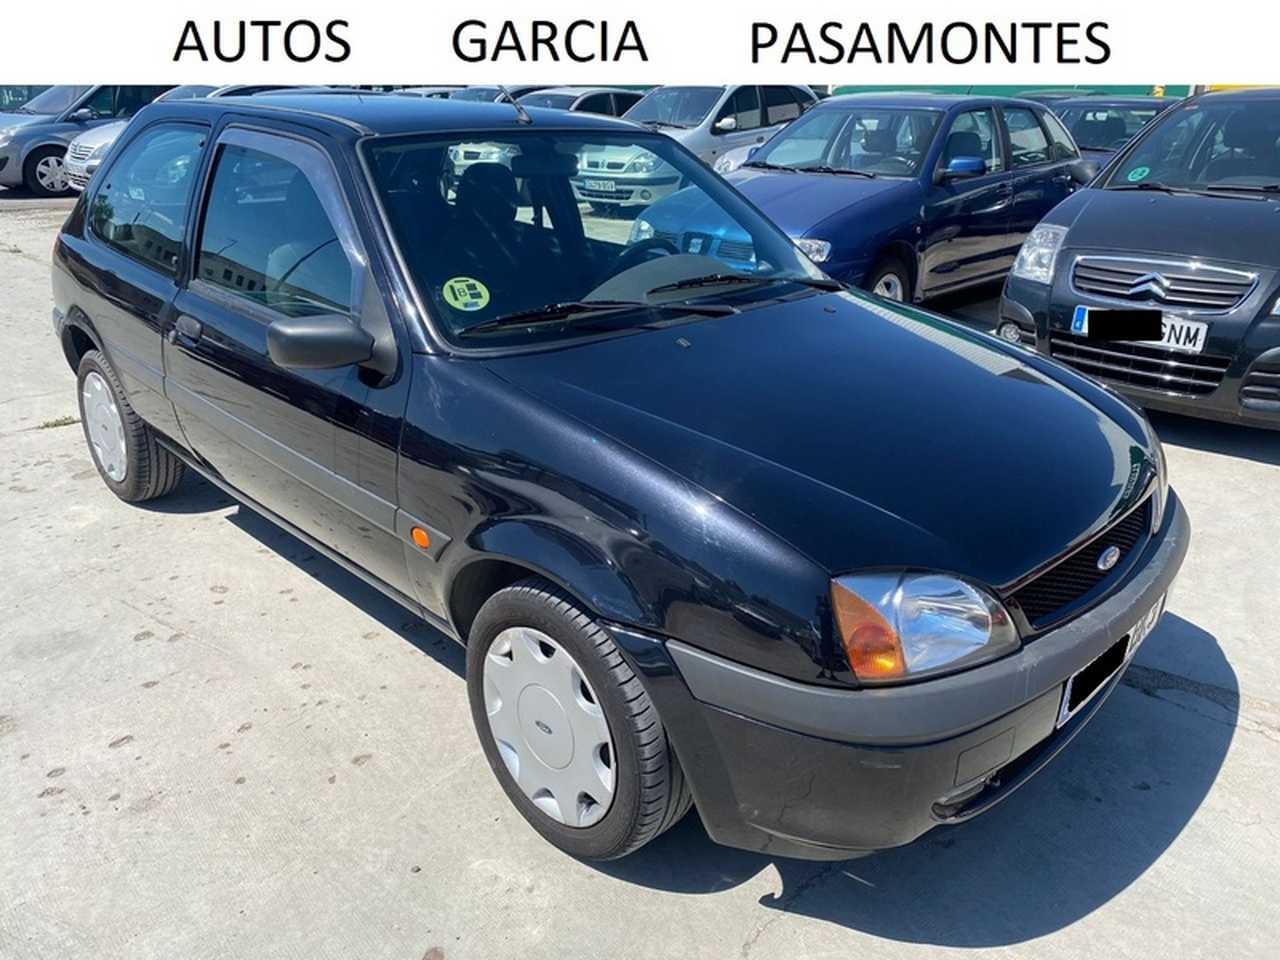 Ford Fiesta 1.3 I 60 CV  3 PUERTAS  MUY CUIDADO  - Foto 1